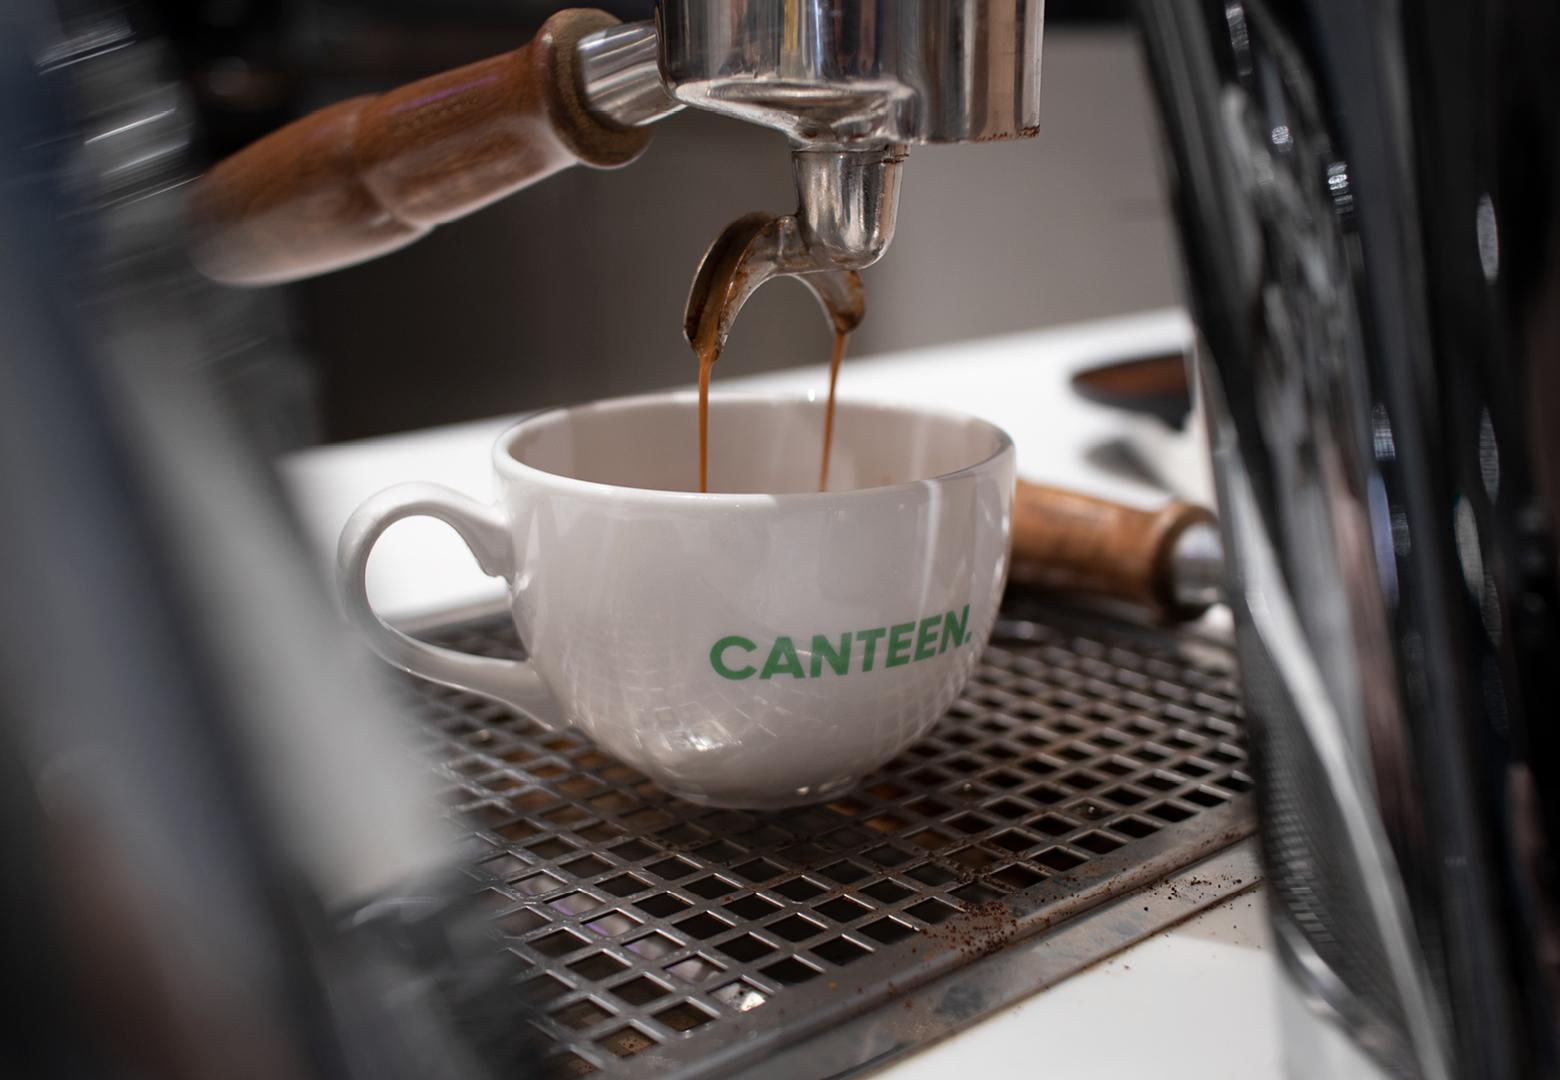 OLLIECO_Canteen-6_1560x1080